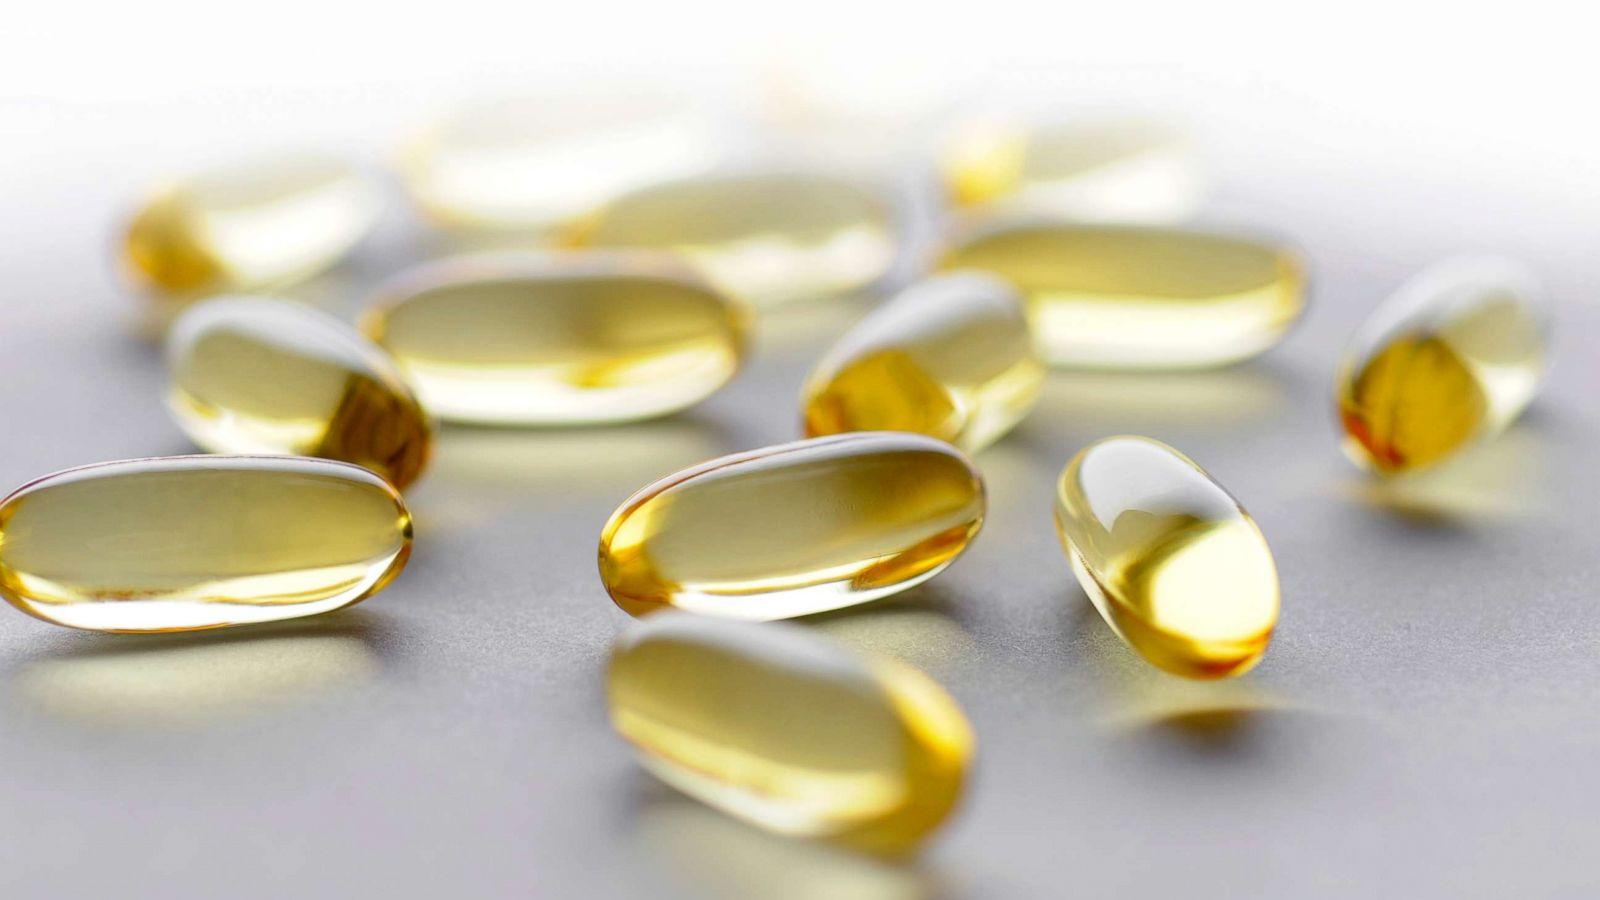 مکمل های ویتامین D و امگا3 برای سلامت قلب مفید هستند